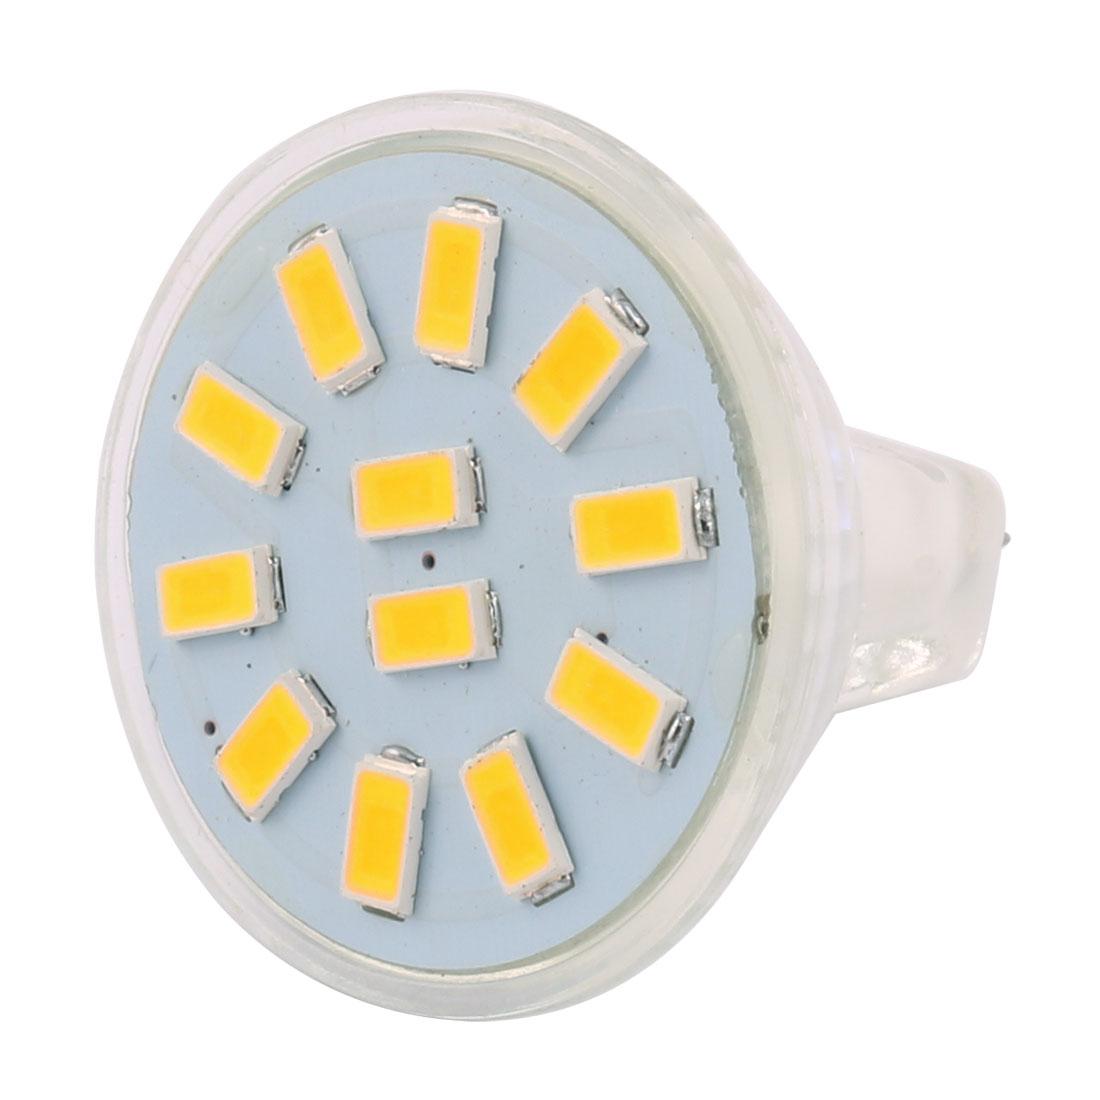 12-30V 3W MR11 5730 SMD 12 LEDs LED Bulb Light Spotlight Lamp Lighting Cool White